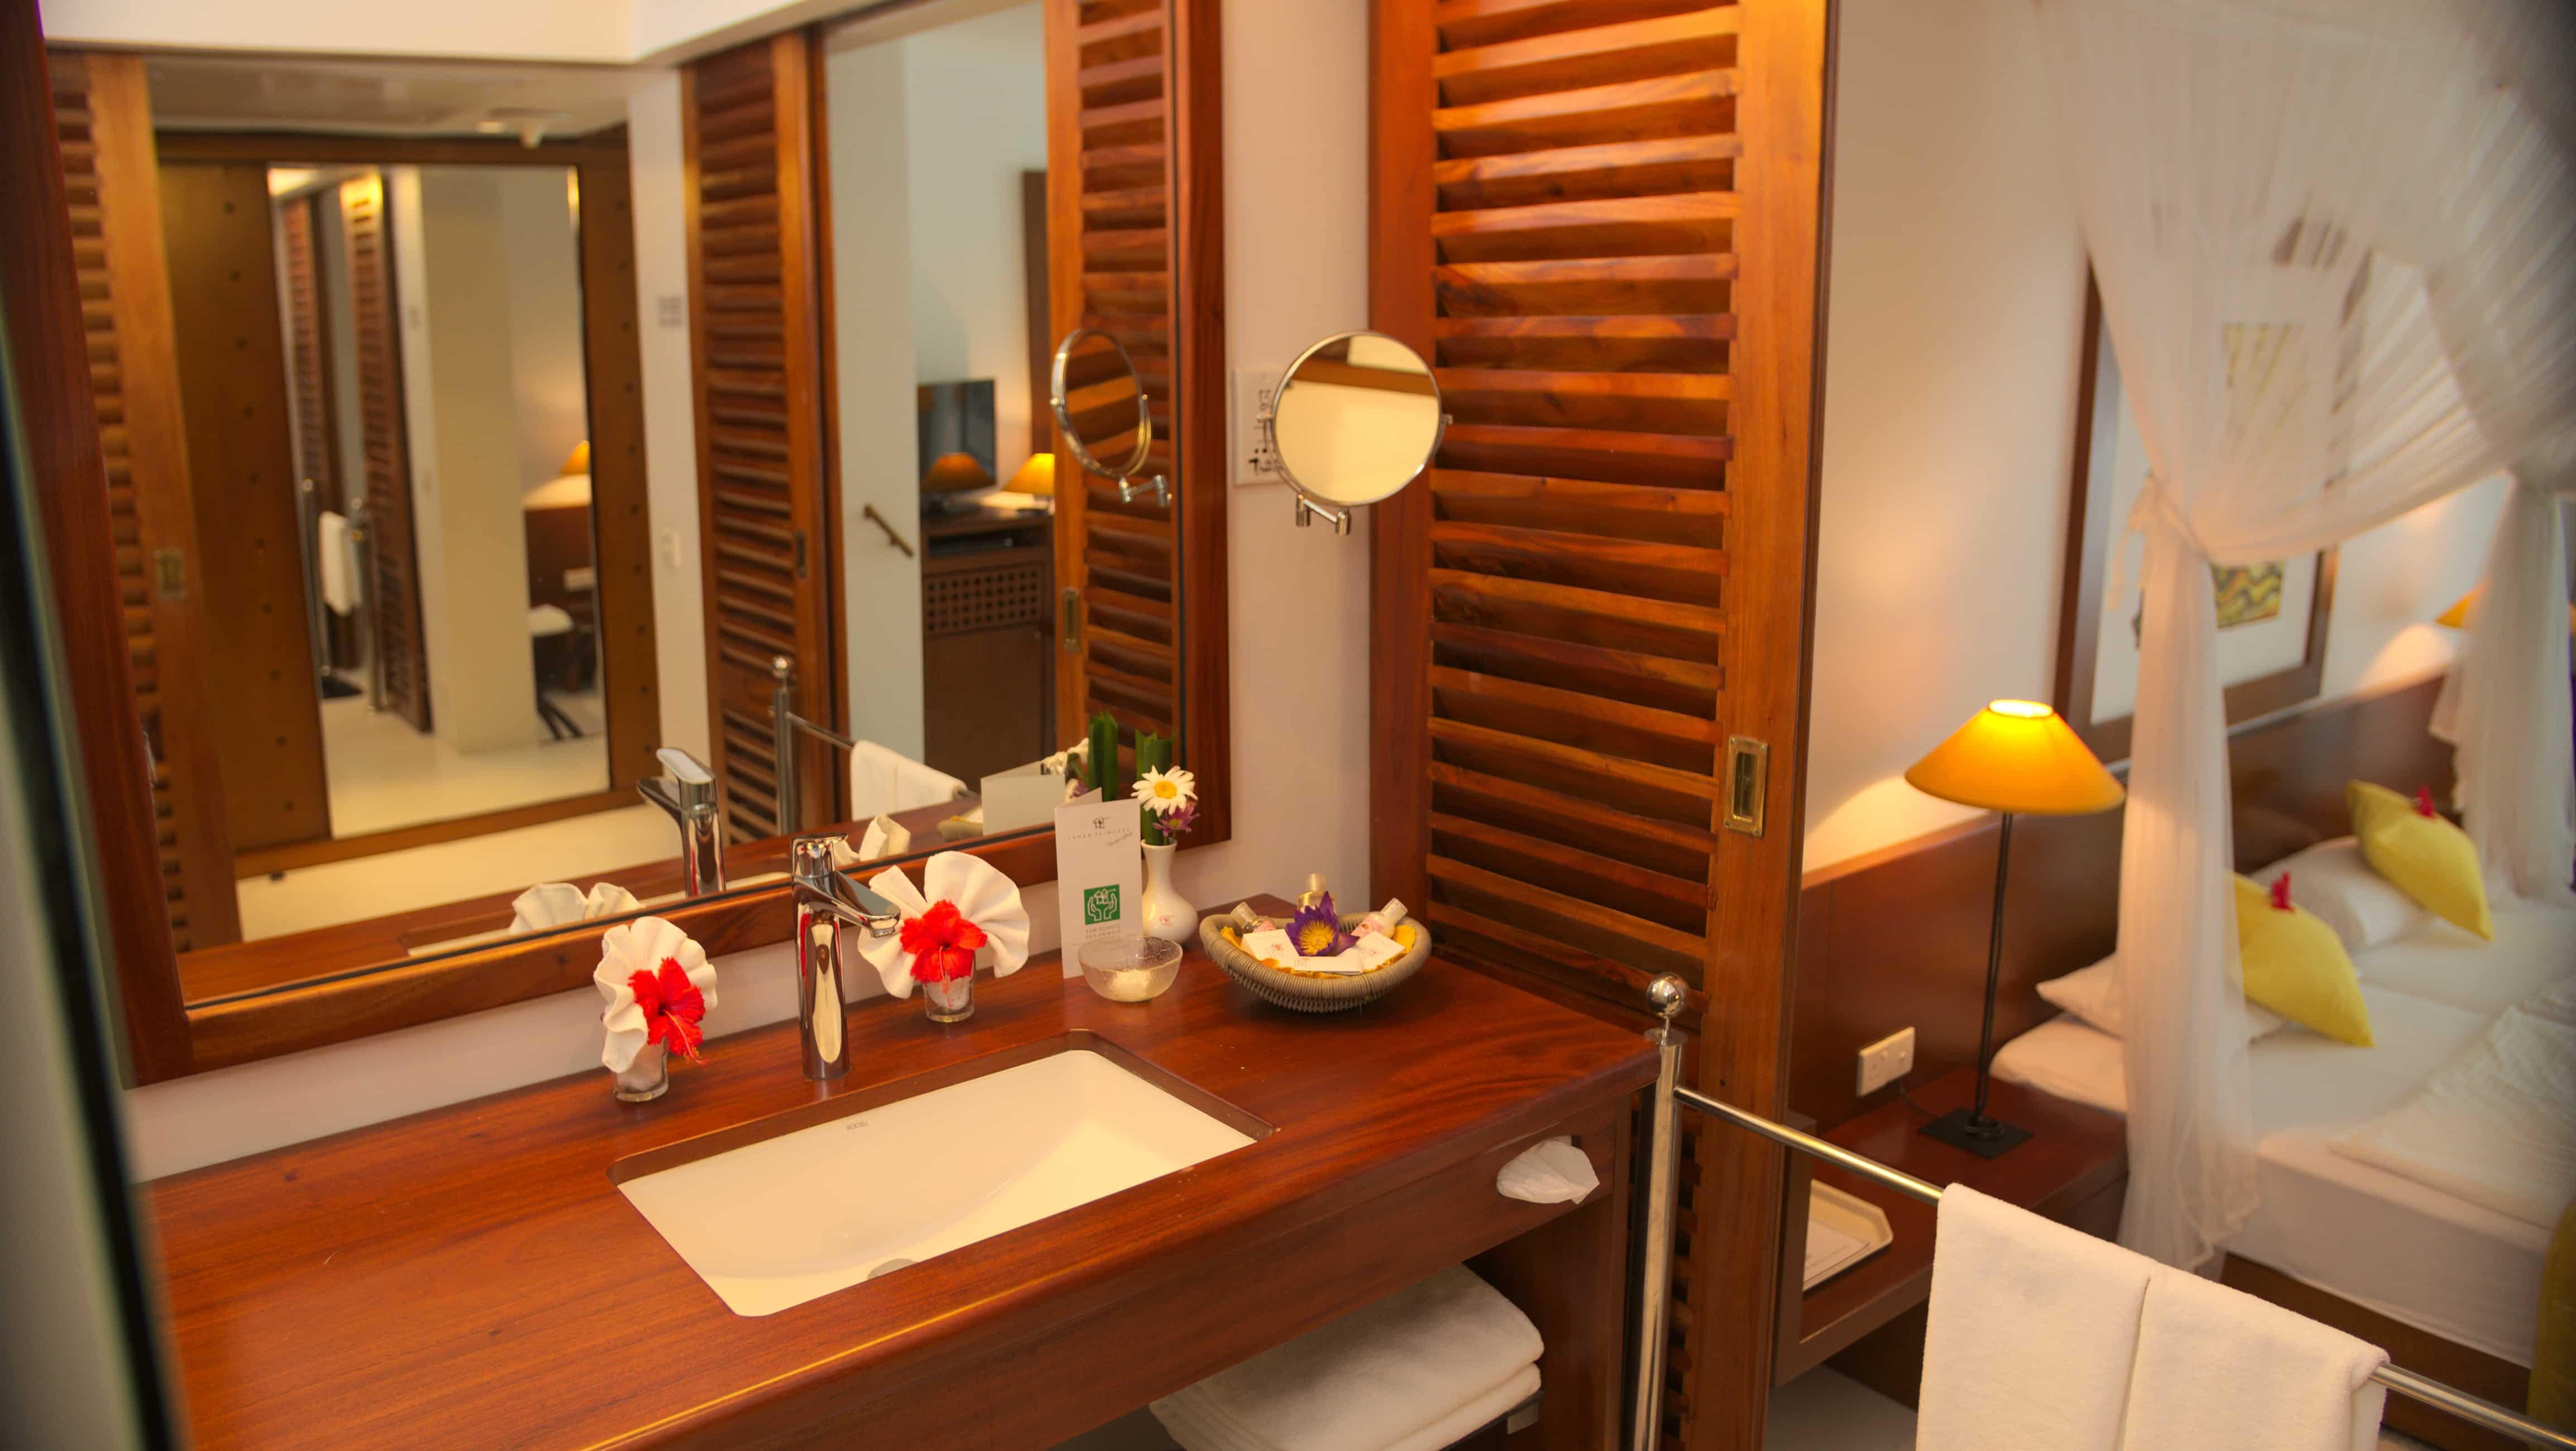 Superior Badezimmer im Ayurveda Hotel Lanka Princess, unter deutscher Leitung in Sri Lanka